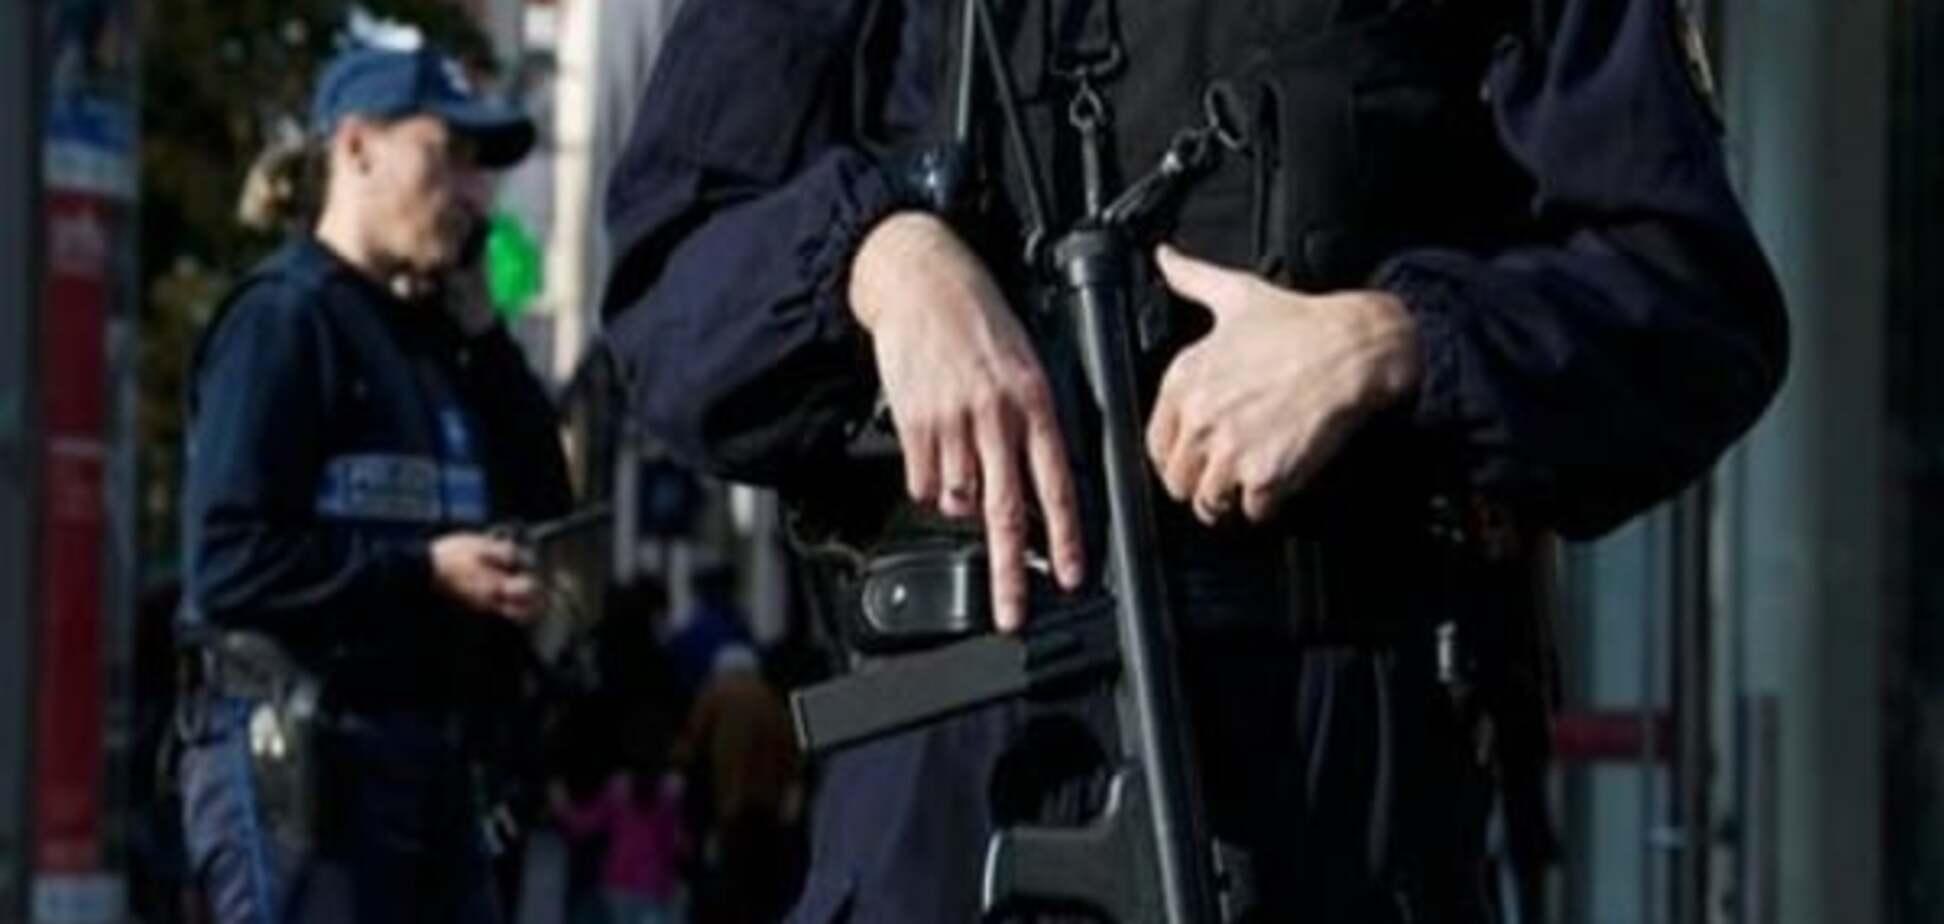 Джихадисты 'Исламского государства' объявили Европе войну - DW